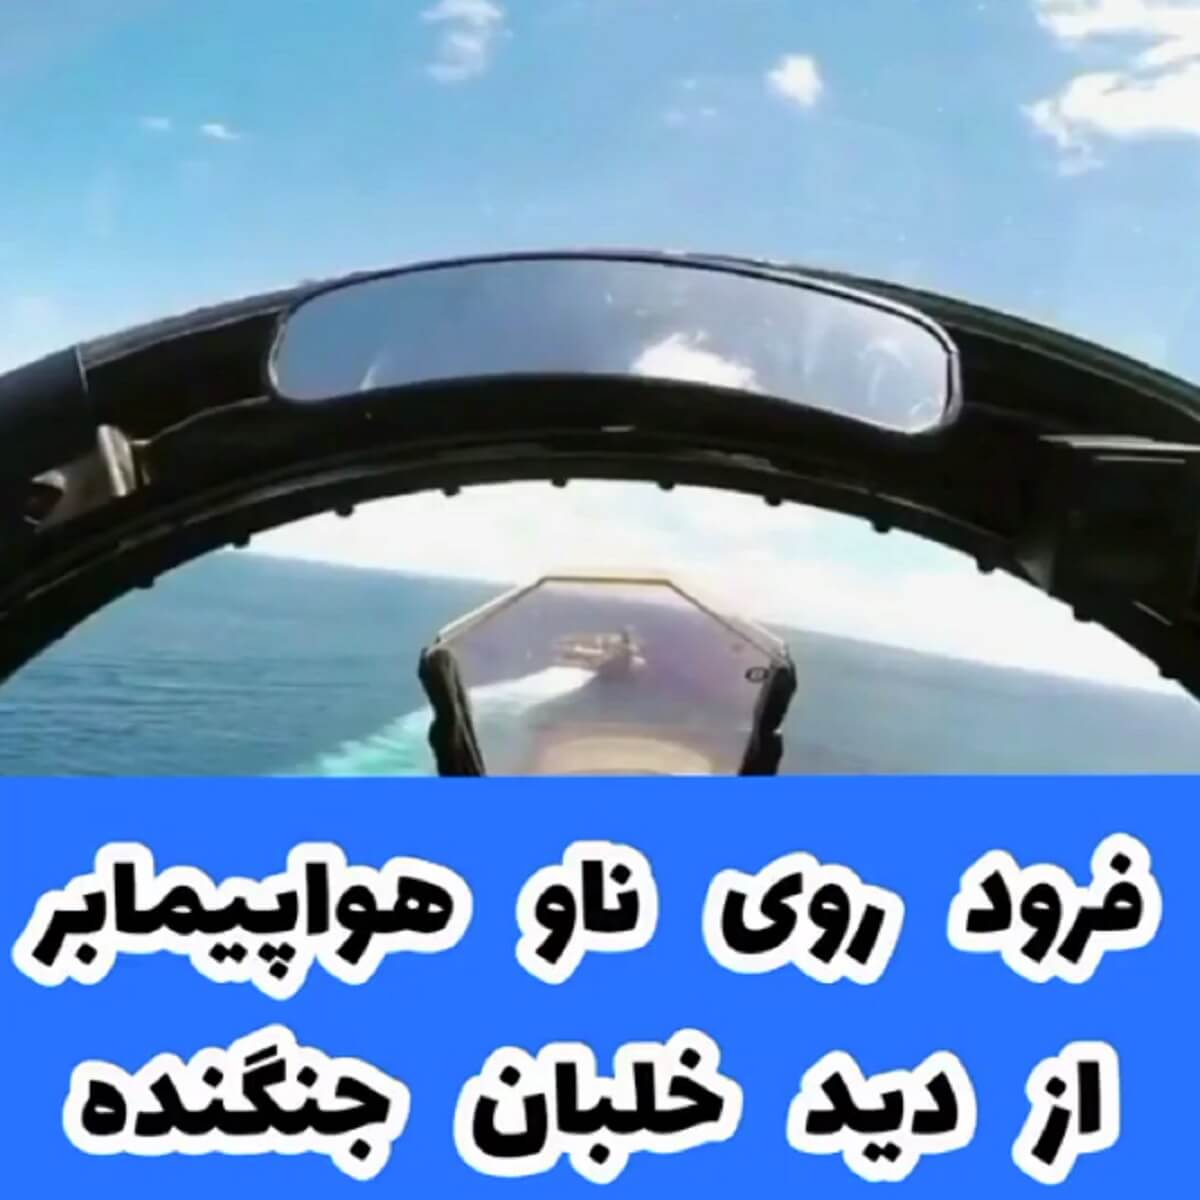 لحظه فرود روی ناو هواپیمابر از دید خلبان جنگنده